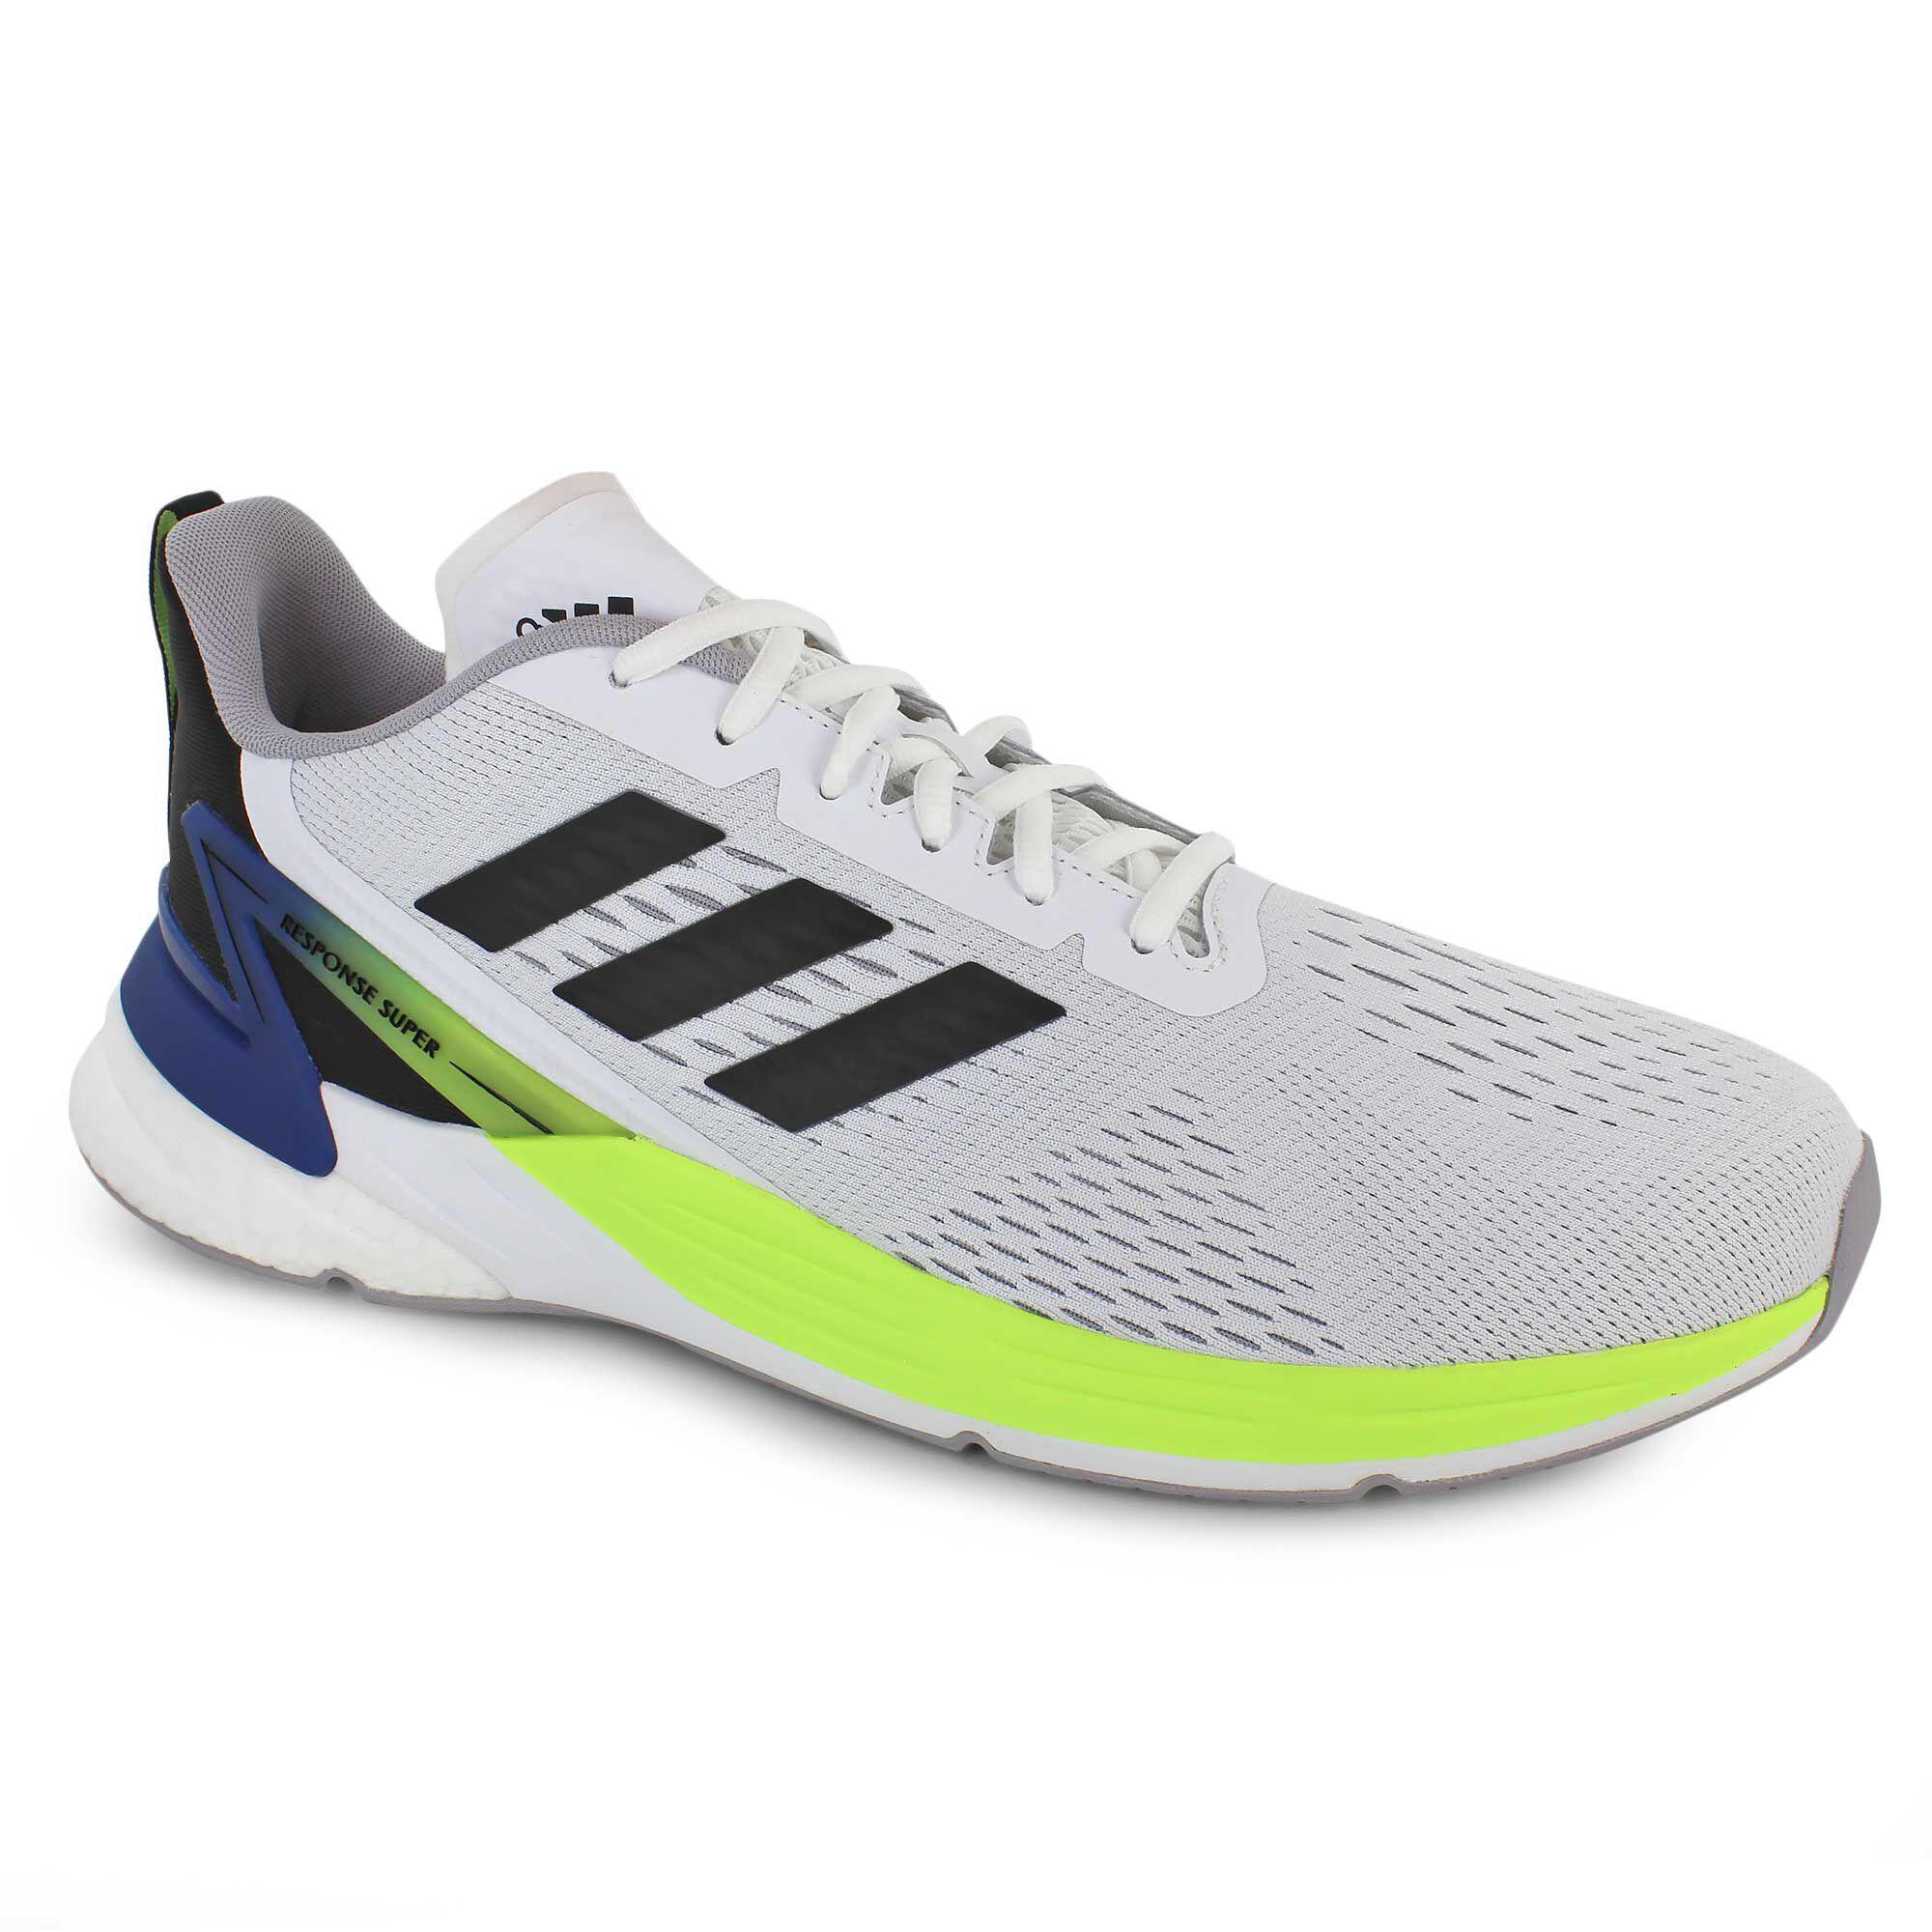 adidas | Shop Now at SHOE DEPT. ENCORE